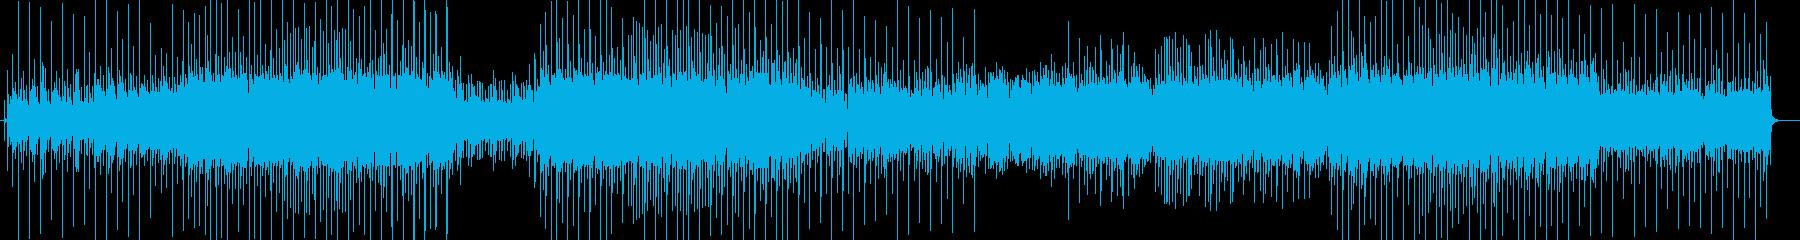 「お正月」 かわいいテクノポップの再生済みの波形